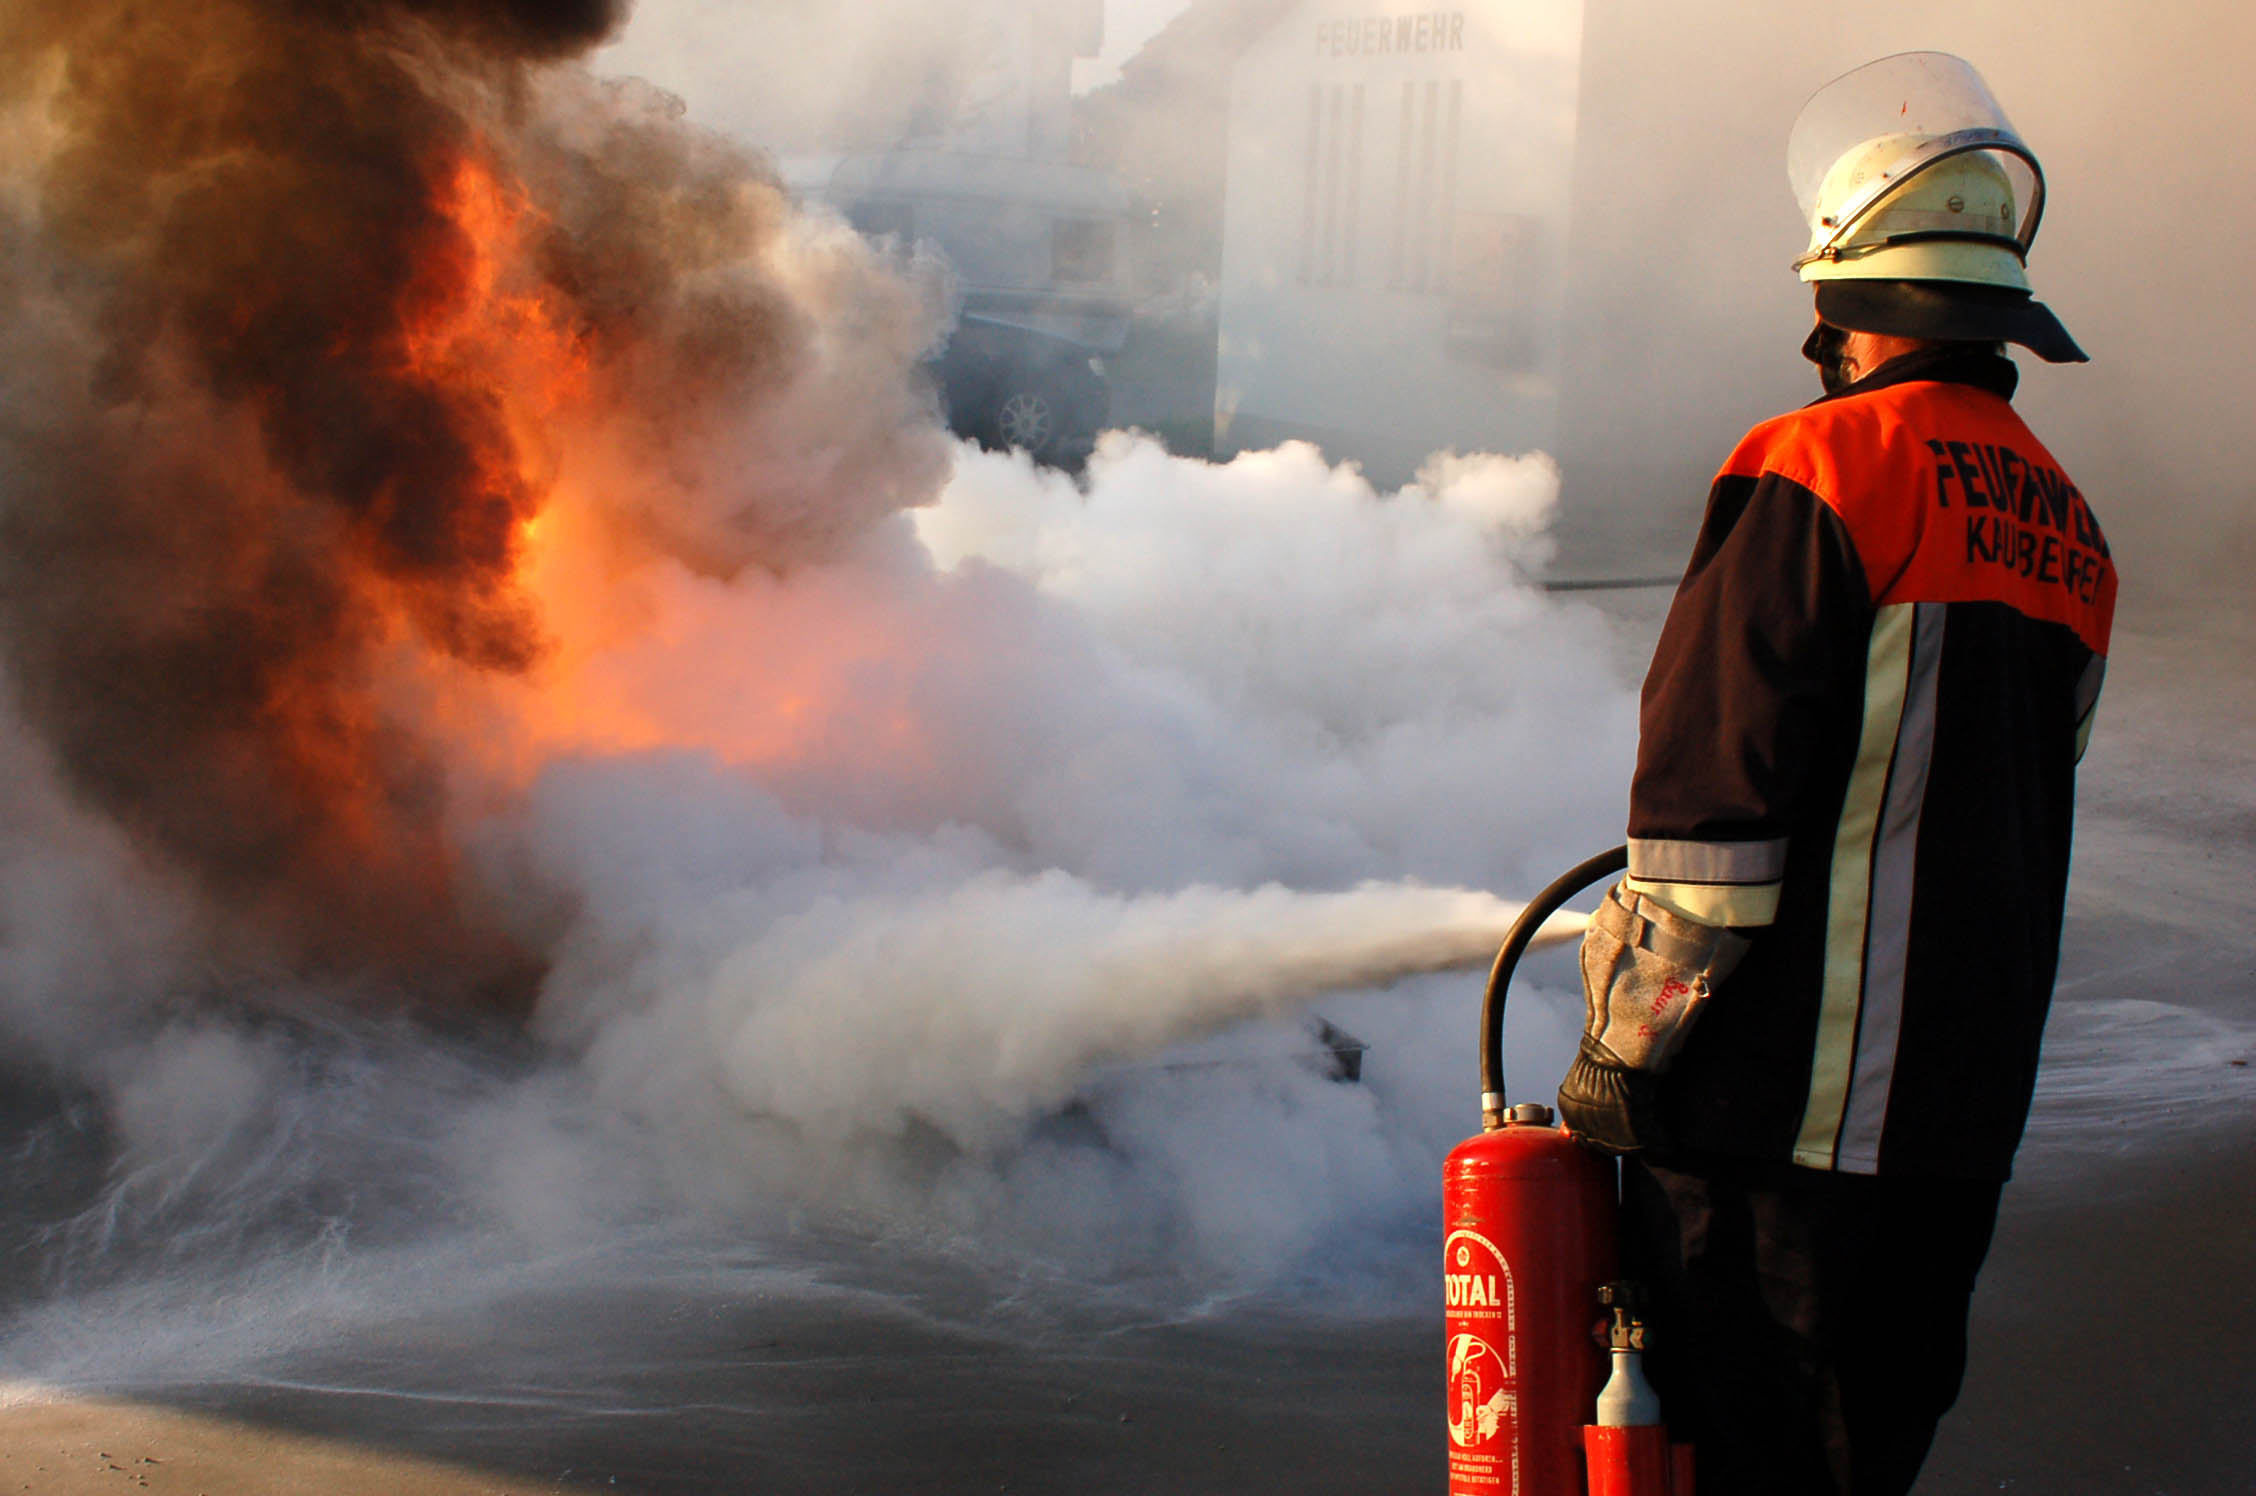 картинки с огнем пожаром тушением